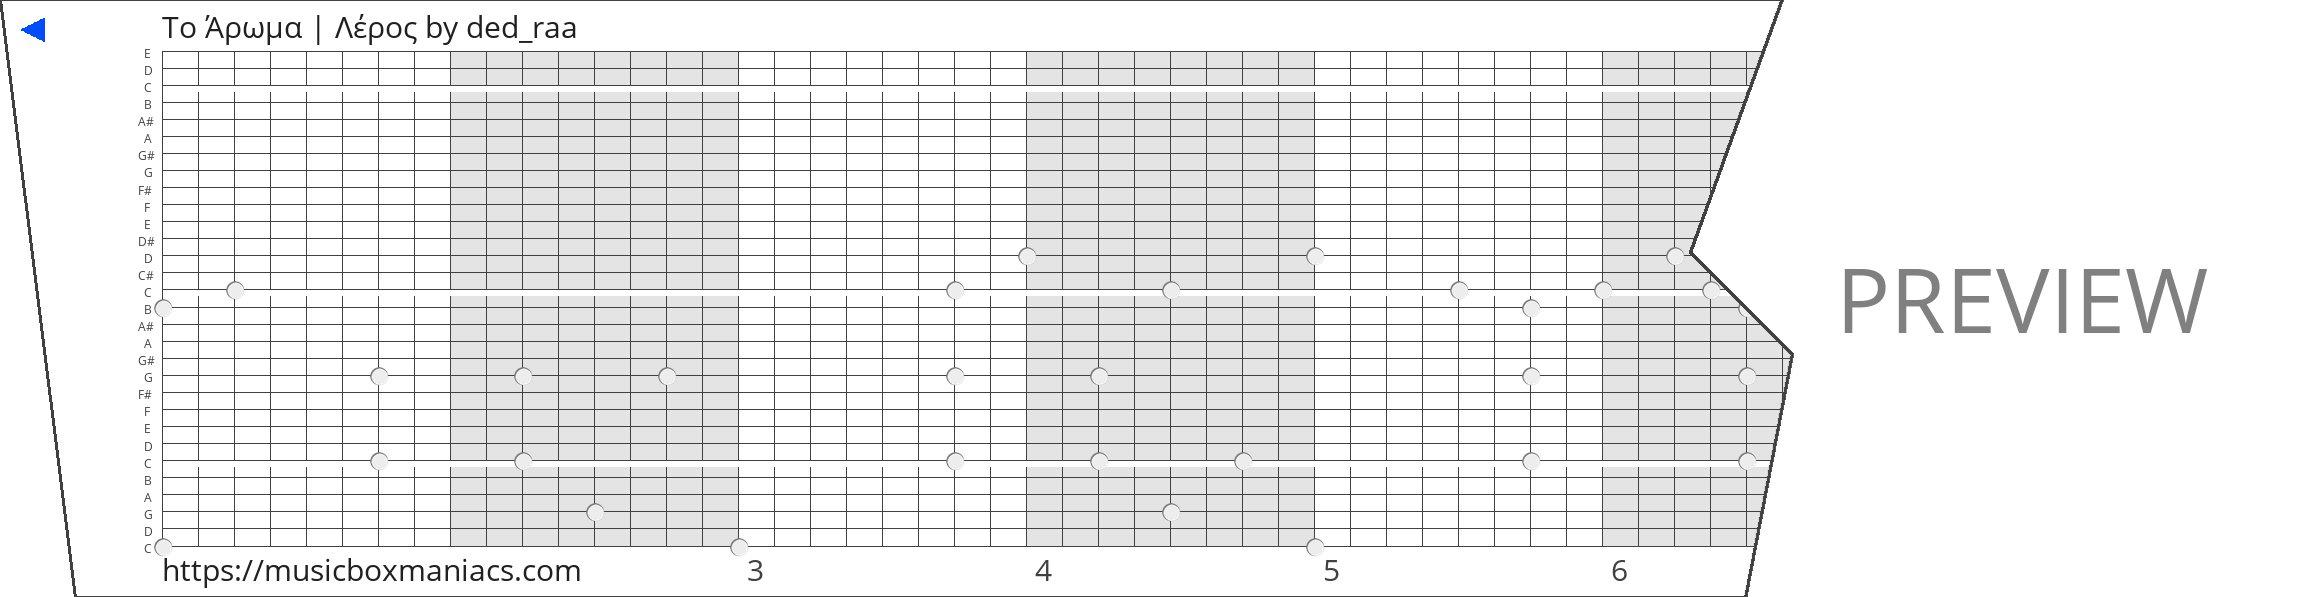 Το Άρωμα | Λέρος 30 note music box paper strip